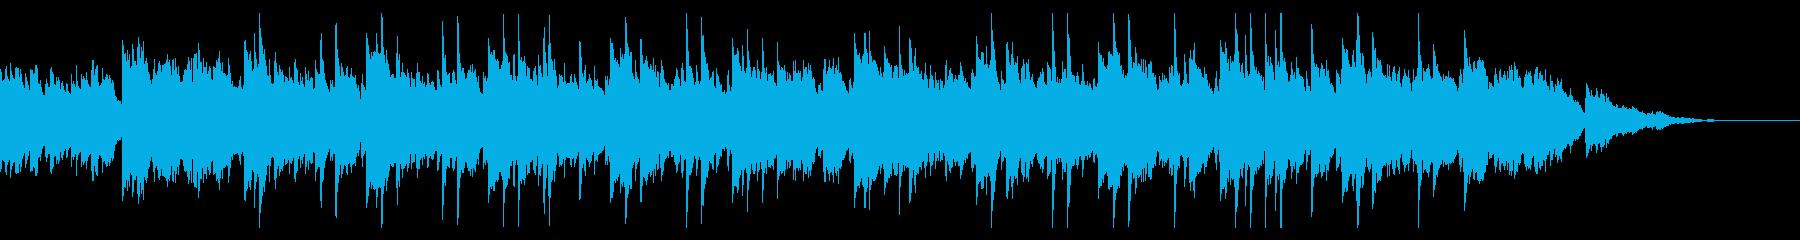 やさしいピアノストリングスの再生済みの波形